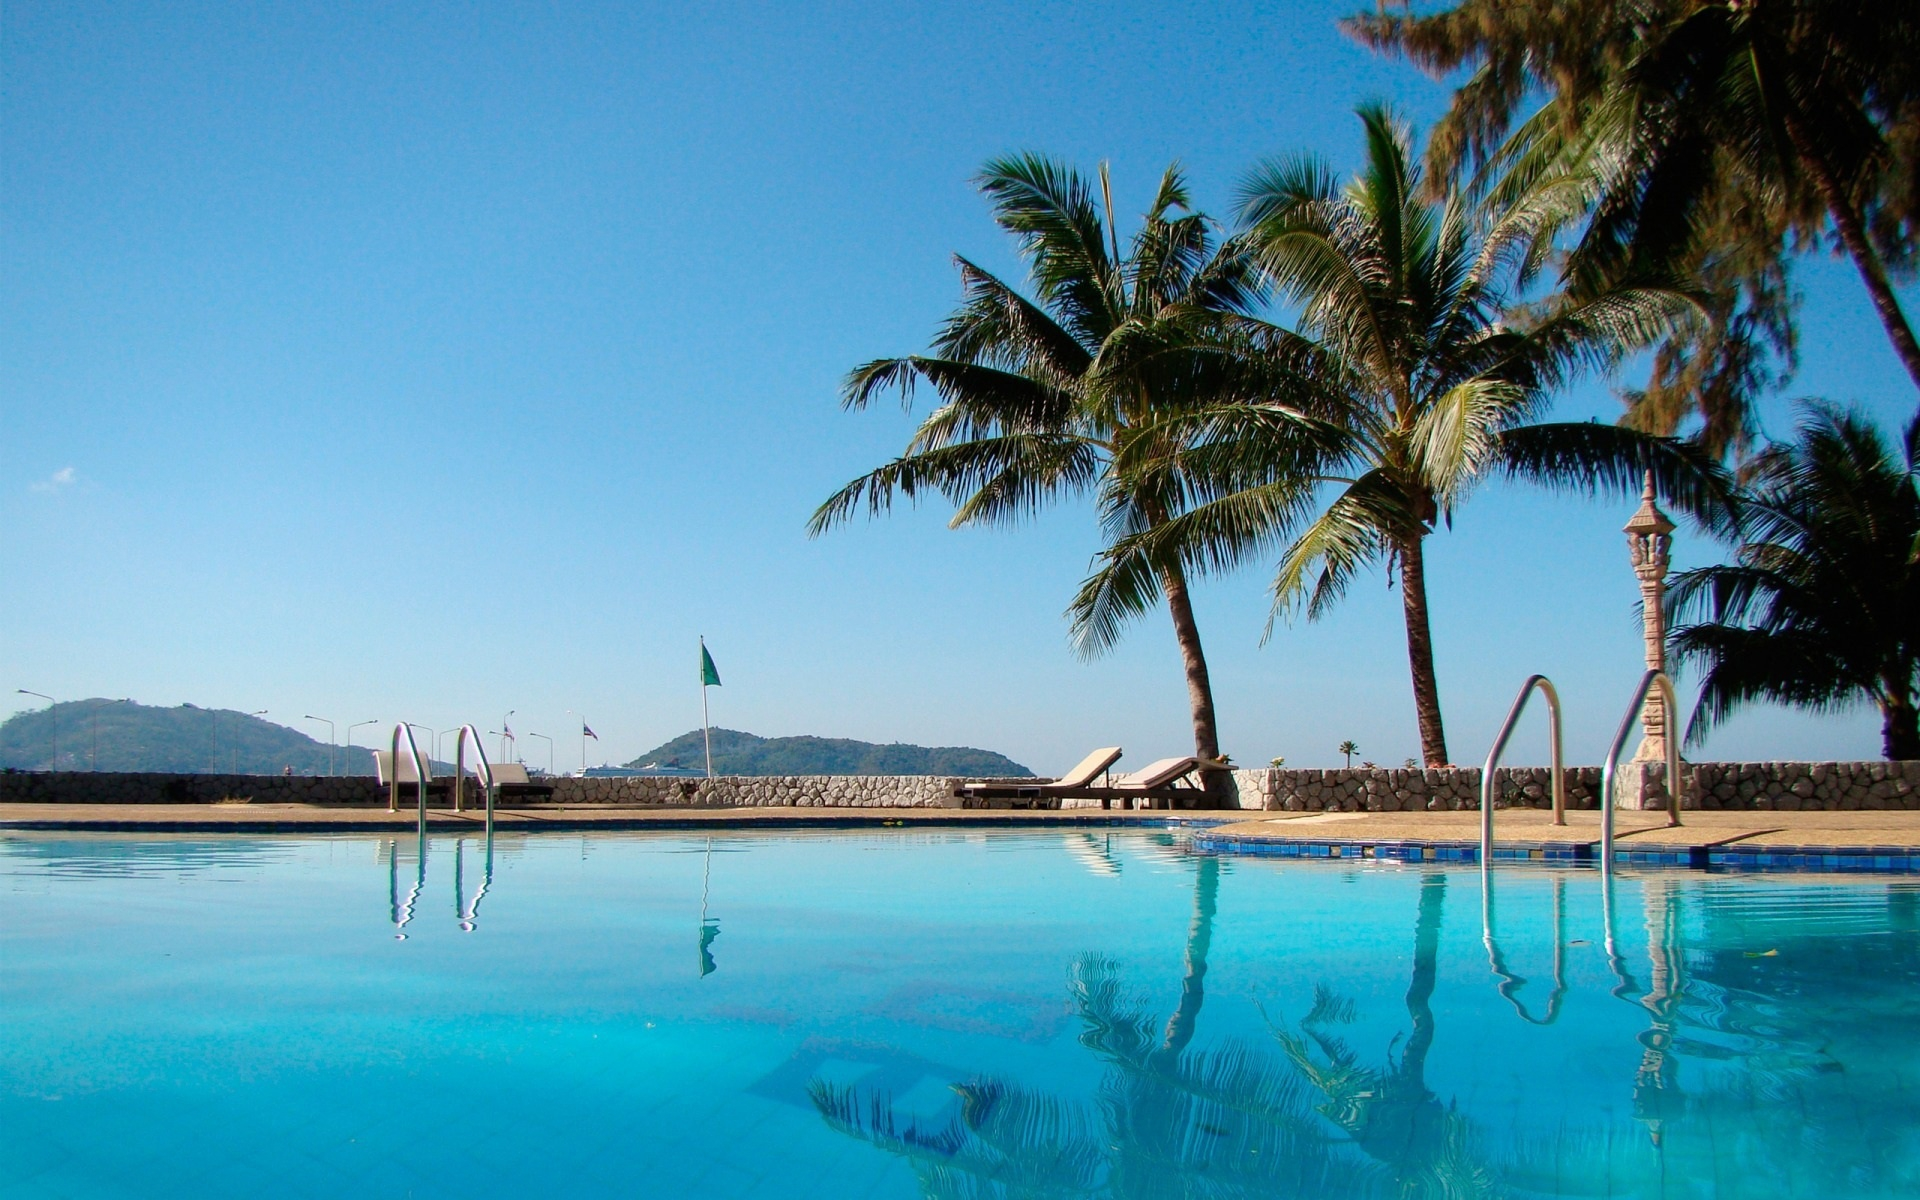 Картинки бассейн, пальмы, курорт, синяя вода, отдых, гостиница, загородный дом , фото и обои на рабочий стол